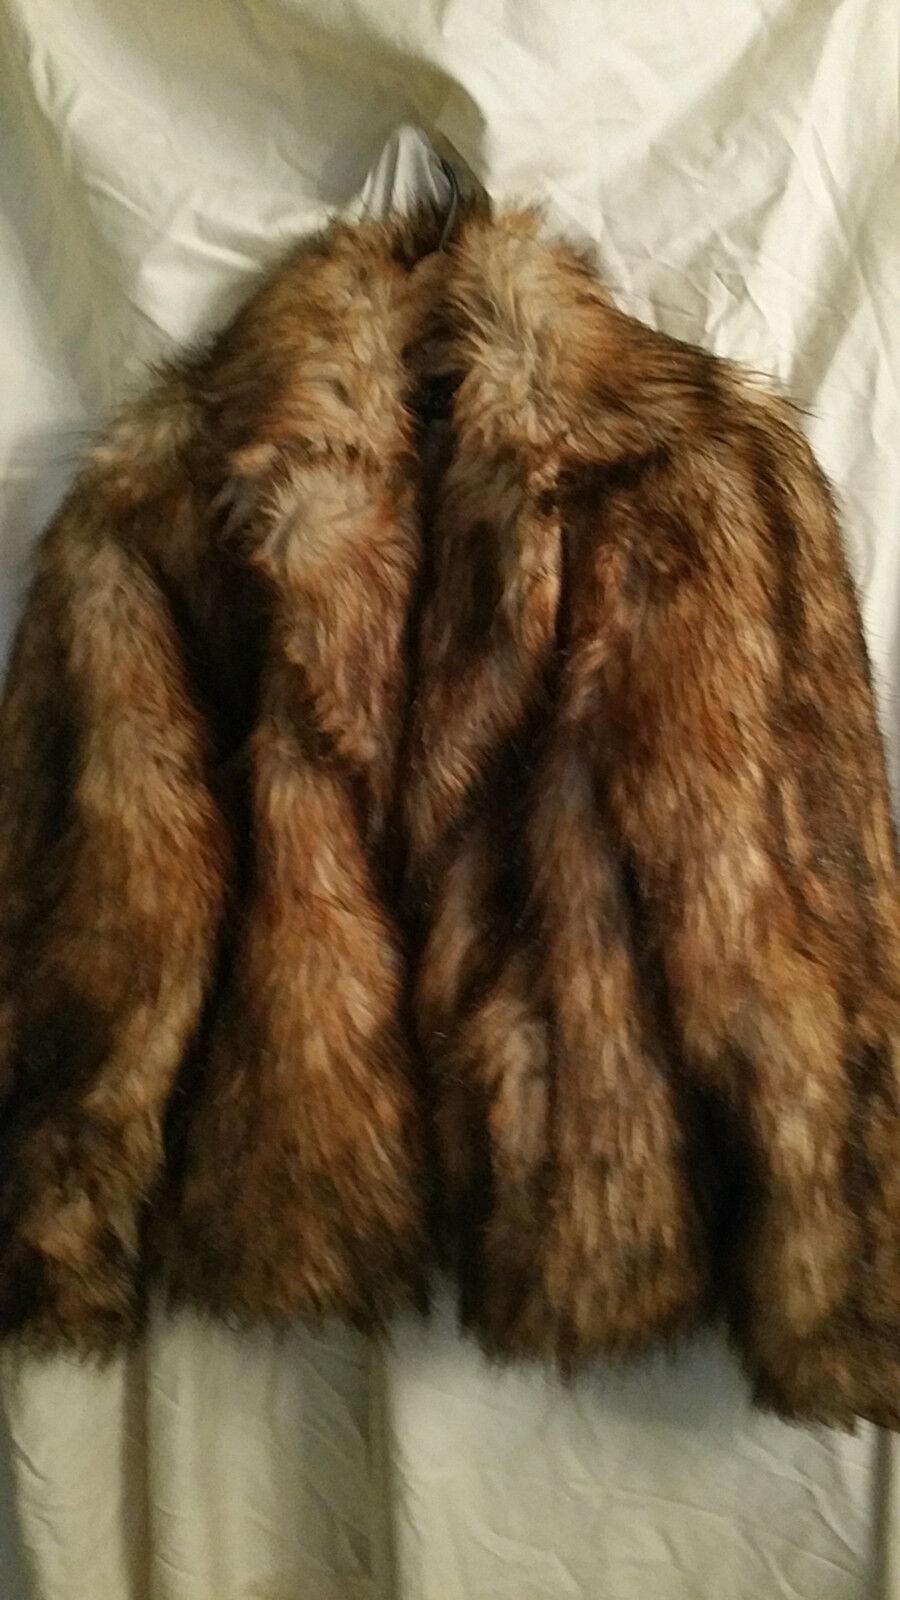 FOX piel de coyote de mujer H&M Abrigo  Chaqueta Talla M Multi Rojos marróns agotado  venta con descuento